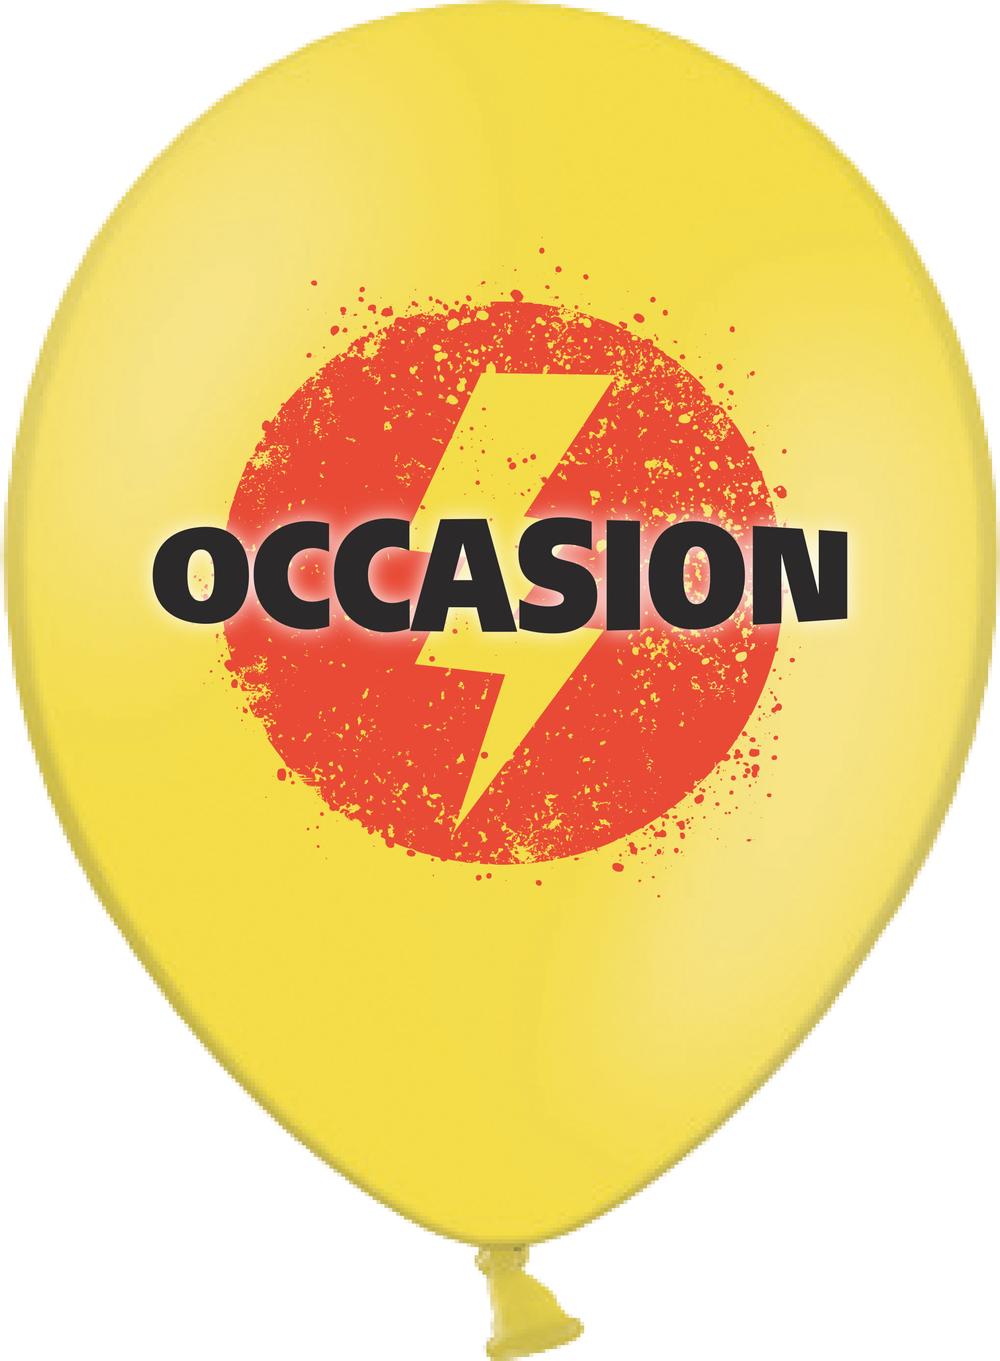 """Motiv """"Occasion-Blitz"""" 50 Stk. 124.90 CHF 100 Stk. 155.90 CHF 500 Stk. 499.00 CHF 1'000 Stk. 799.00 CHF"""